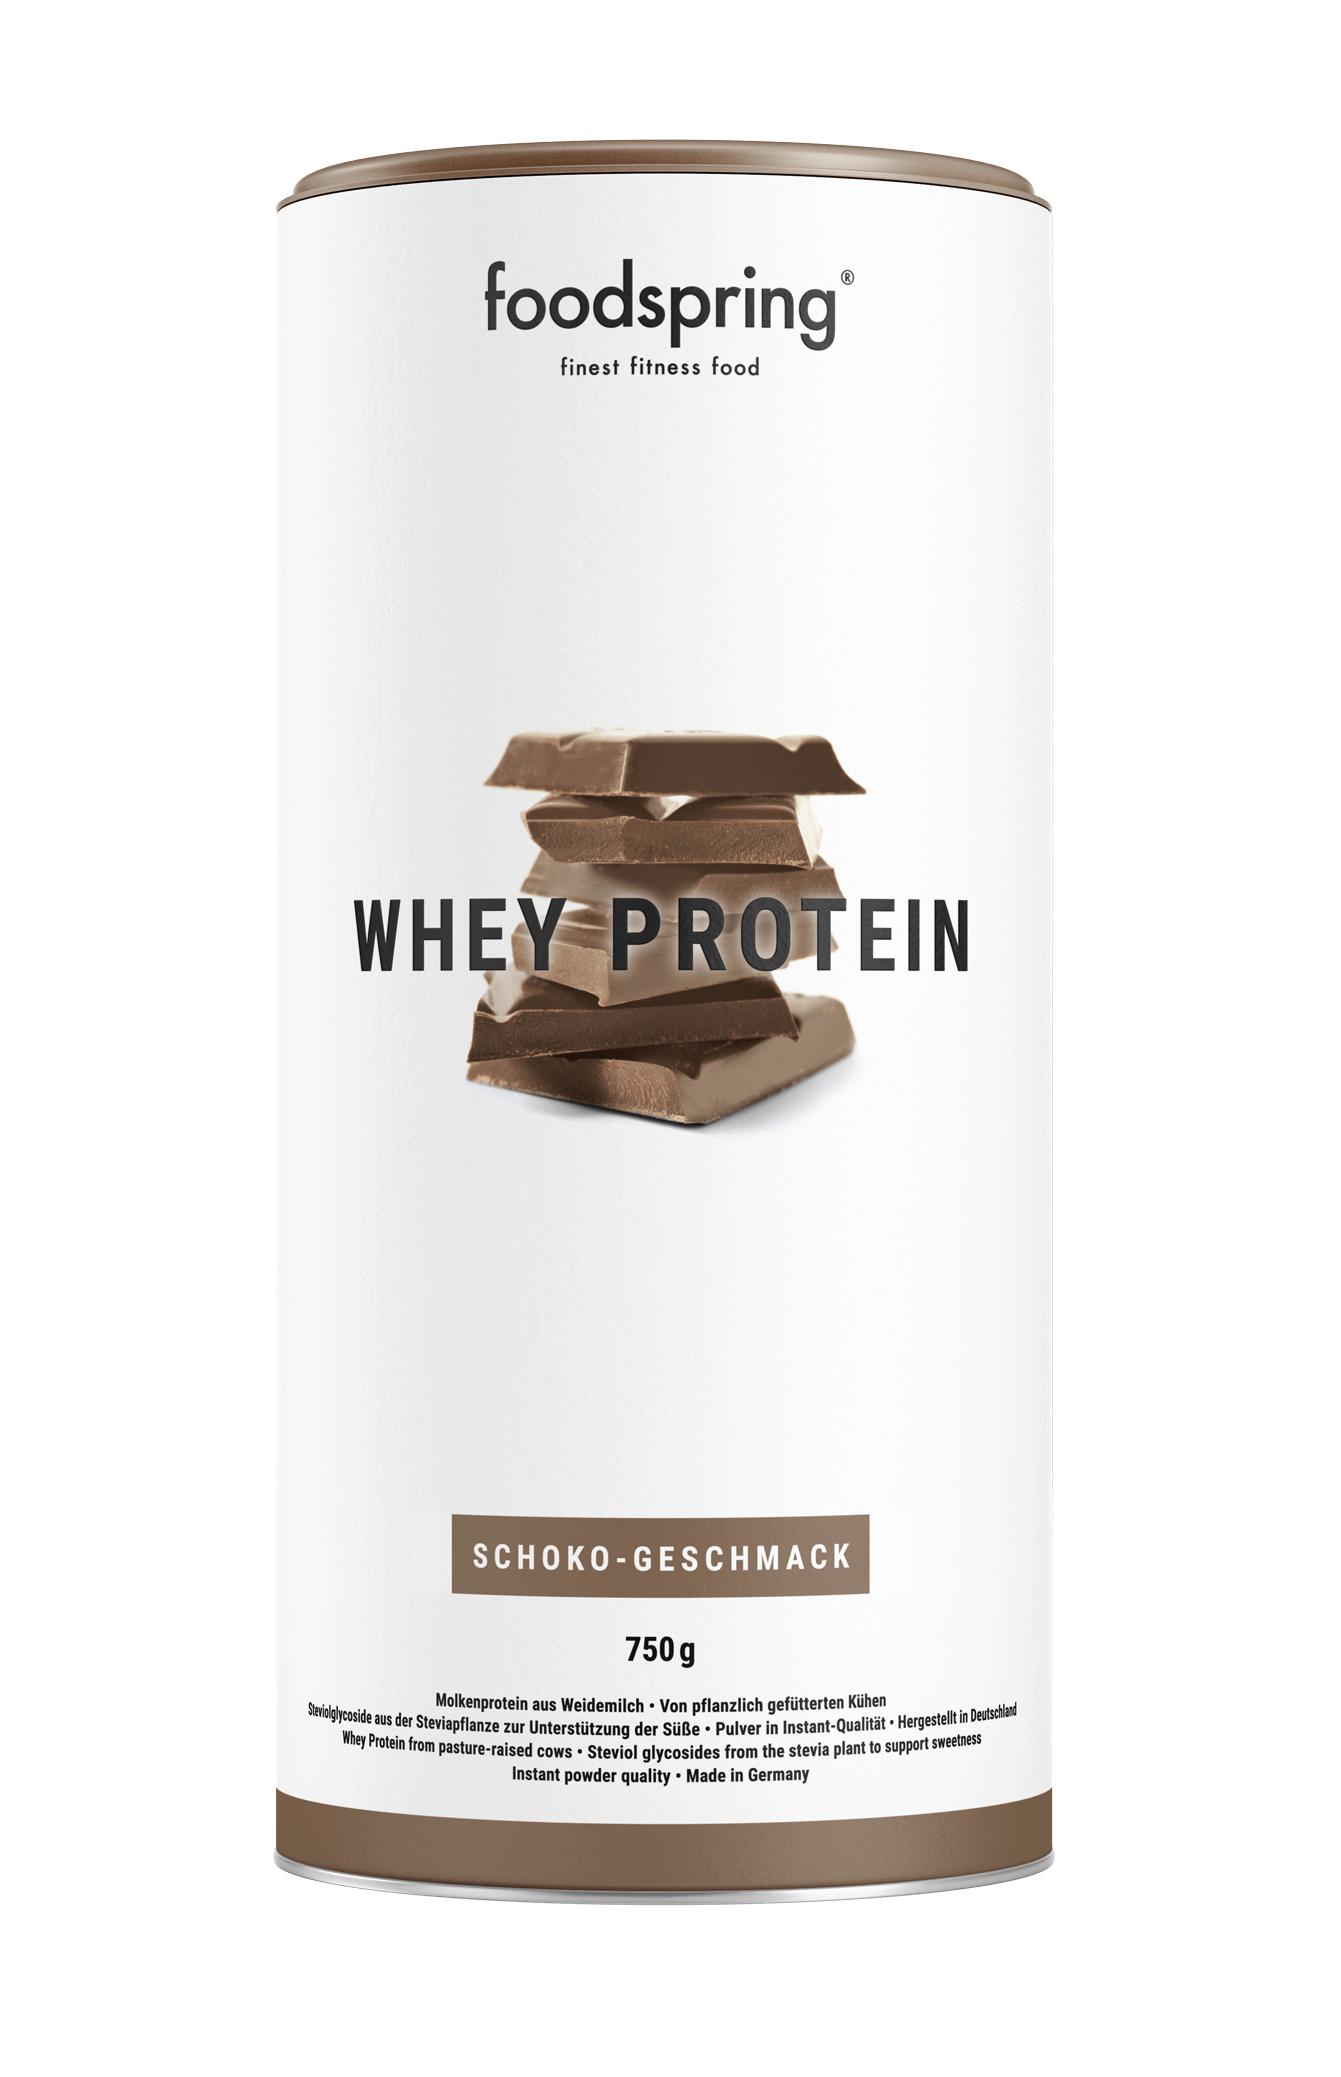 Proteína Whey de Foodspring, de leche de vacas de pasto